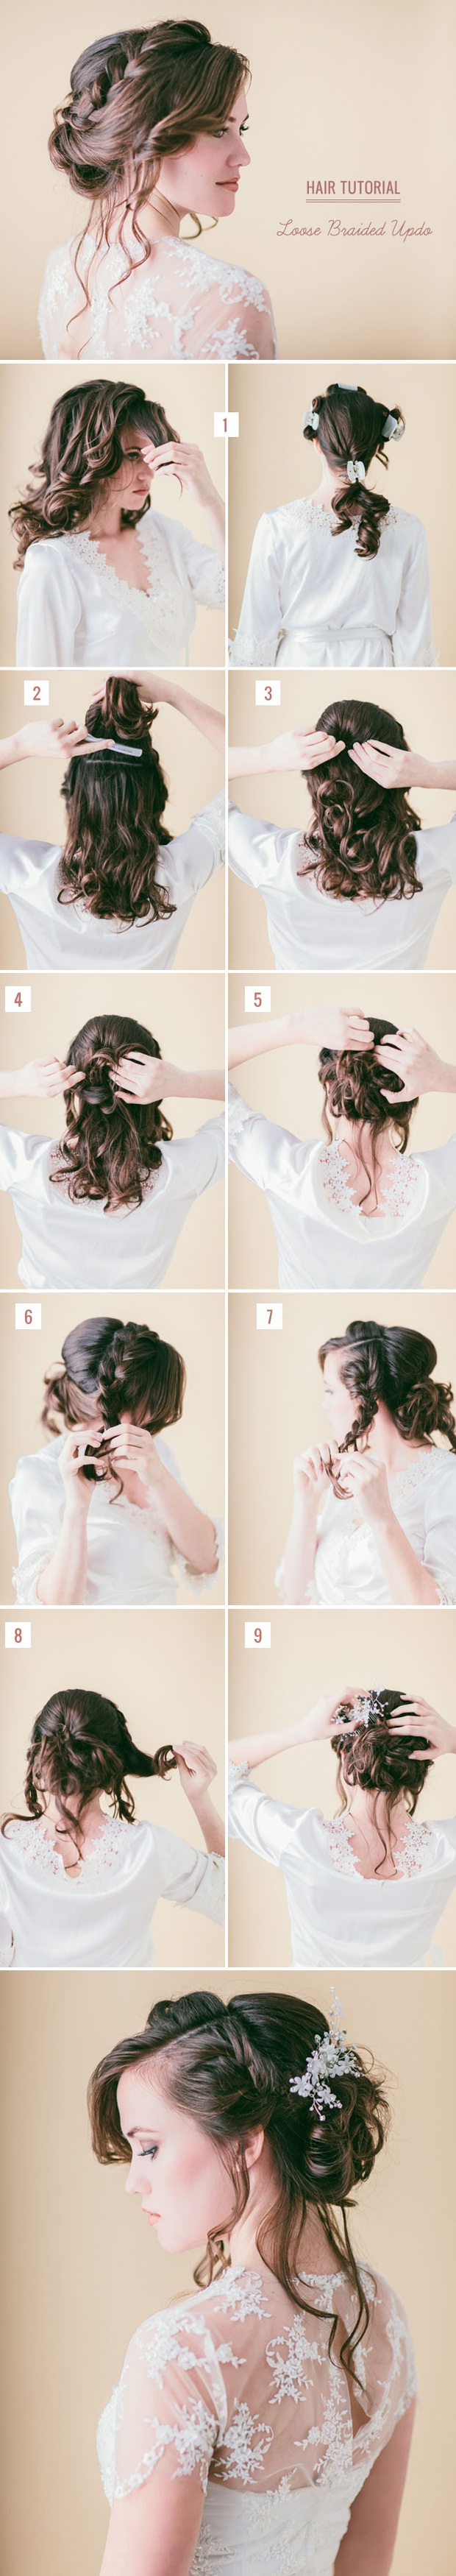 coiffures-de-mariage-2